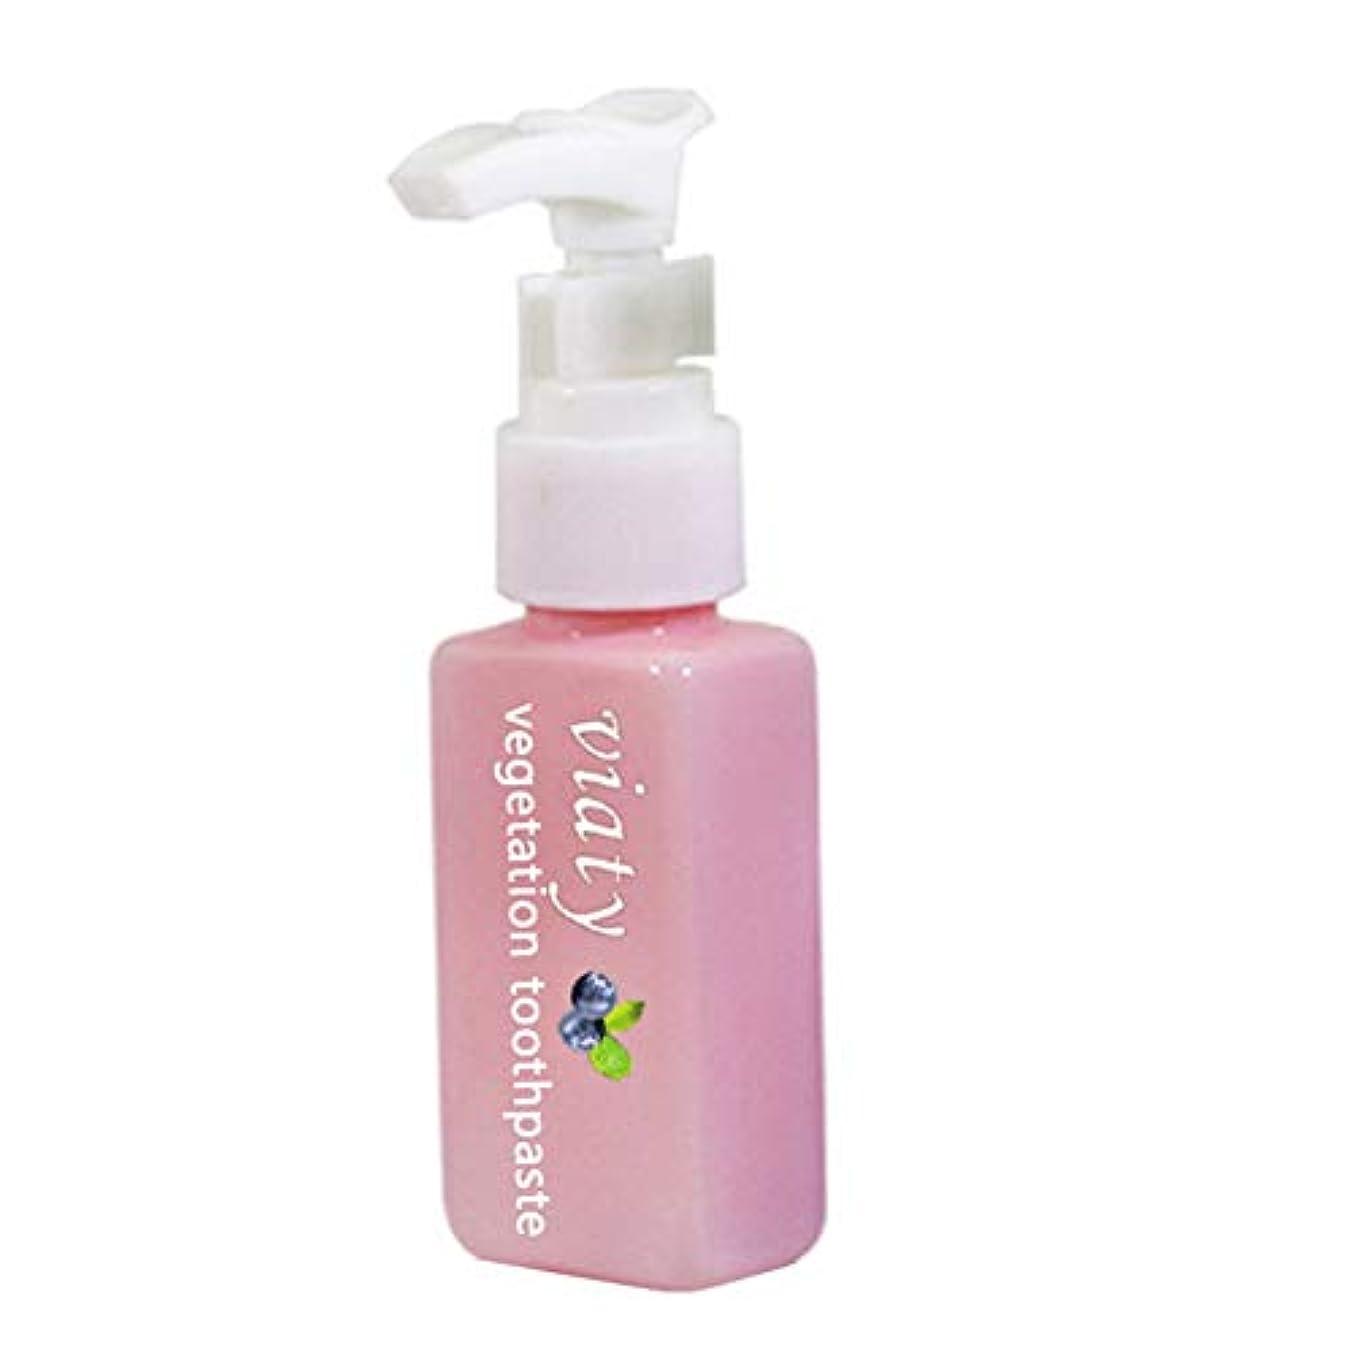 真剣に石の上記の頭と肩CoolTack 歯磨き粉アンチブリードガムプレスタイプ新鮮な歯磨き粉を白くする汚れ除去剤